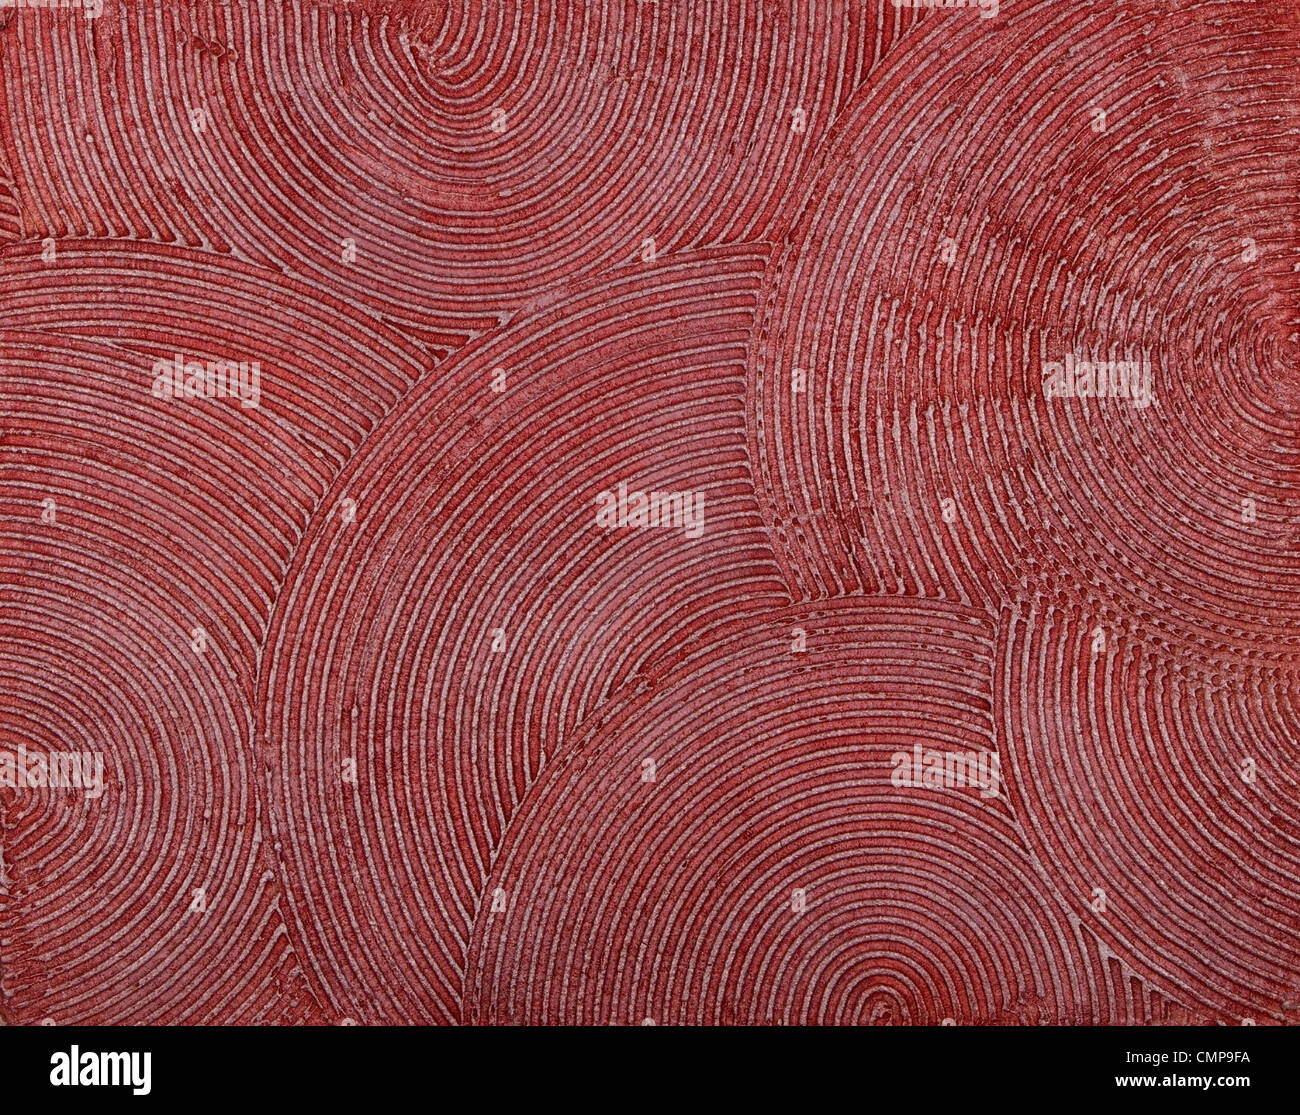 Parete texture con una profonda dabs circolare di putty, coperto con vernice rossa. Immagini Stock